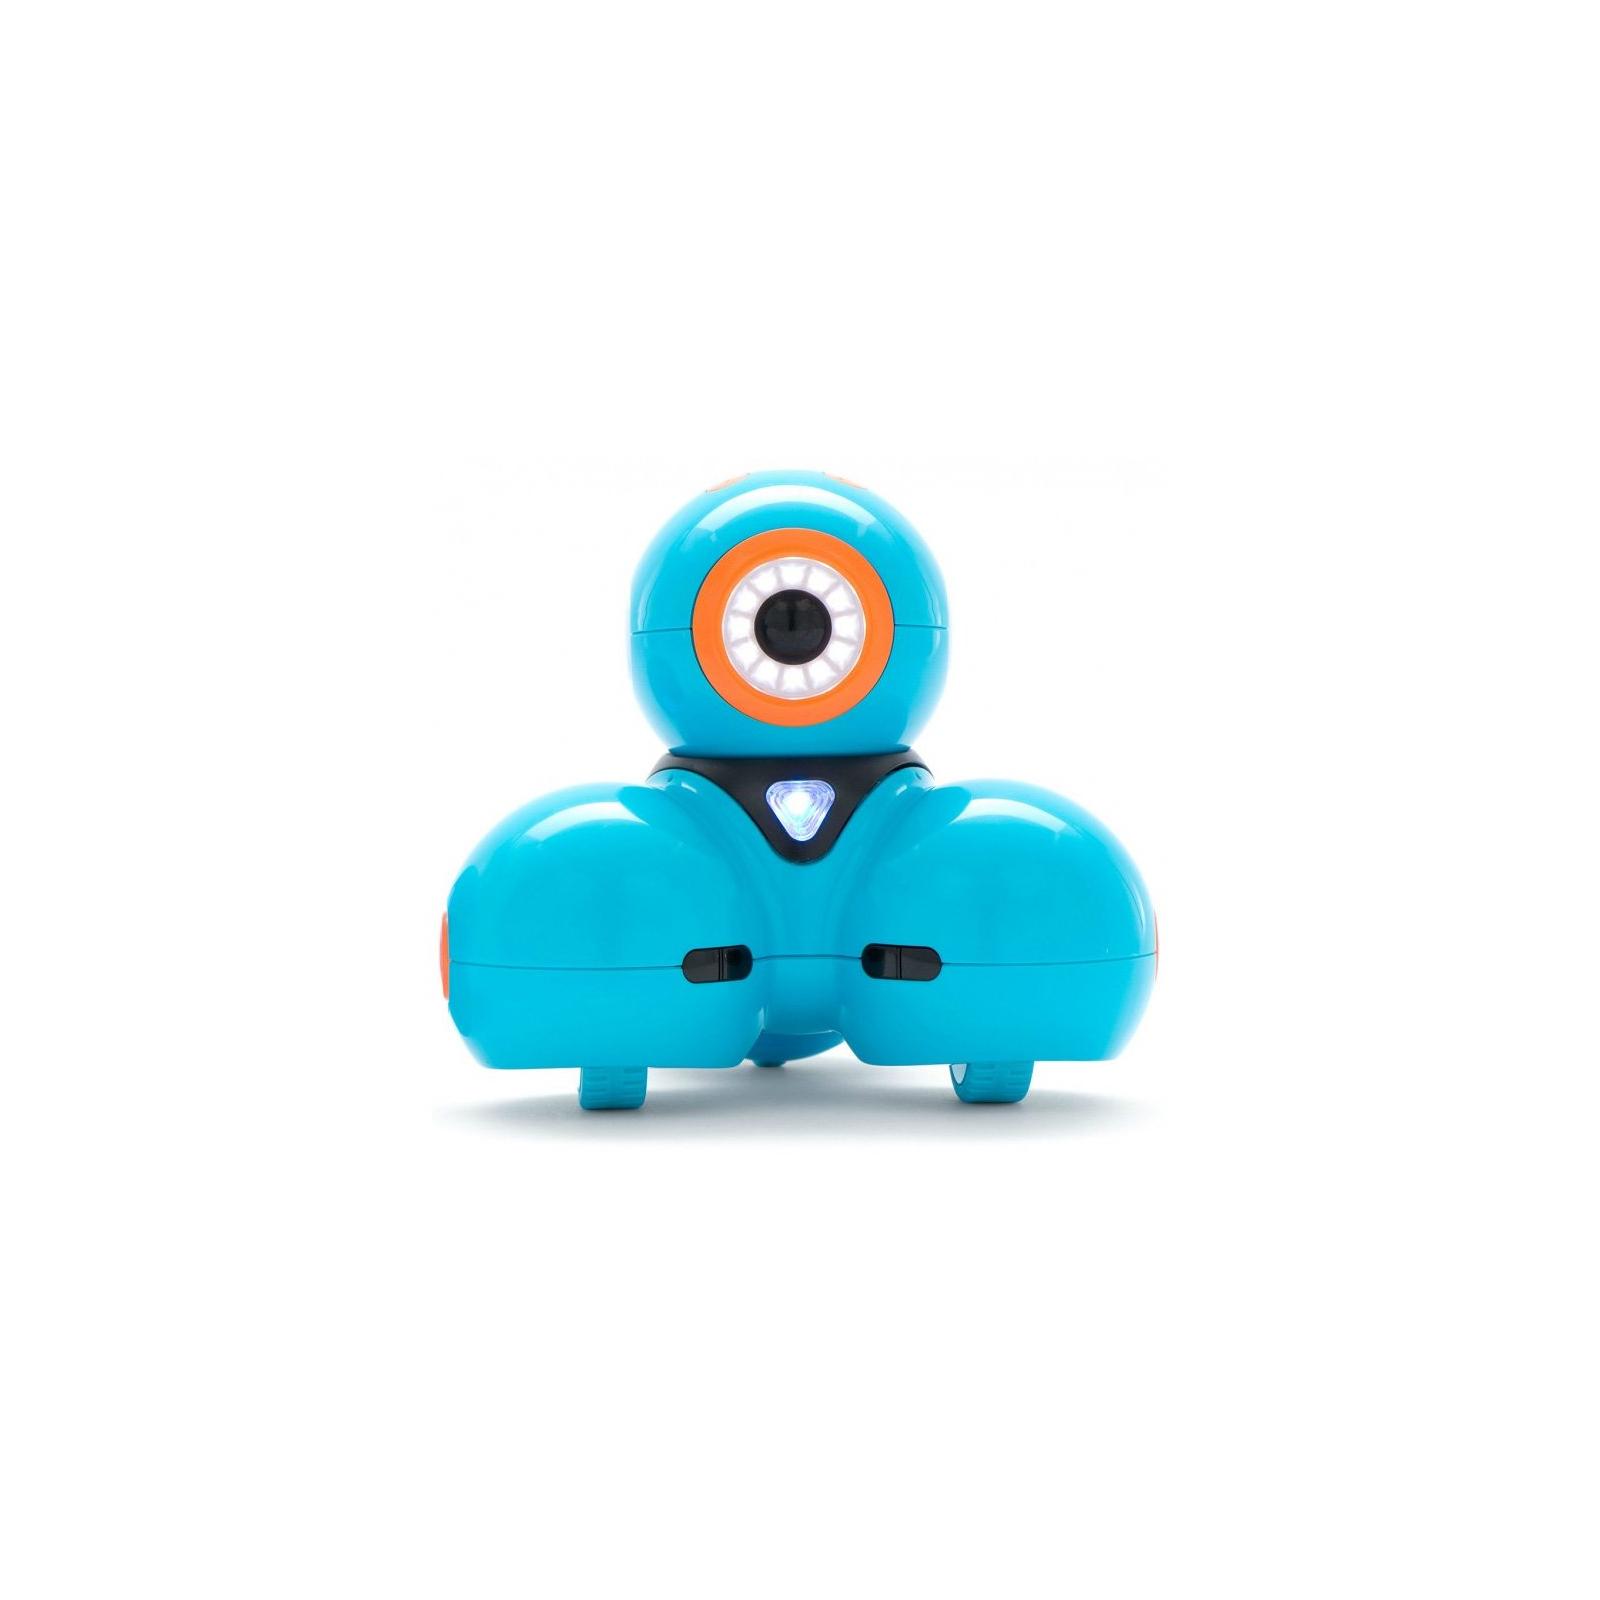 Робот Wonder Workshop Dash (1-DA01-05) изображение 2